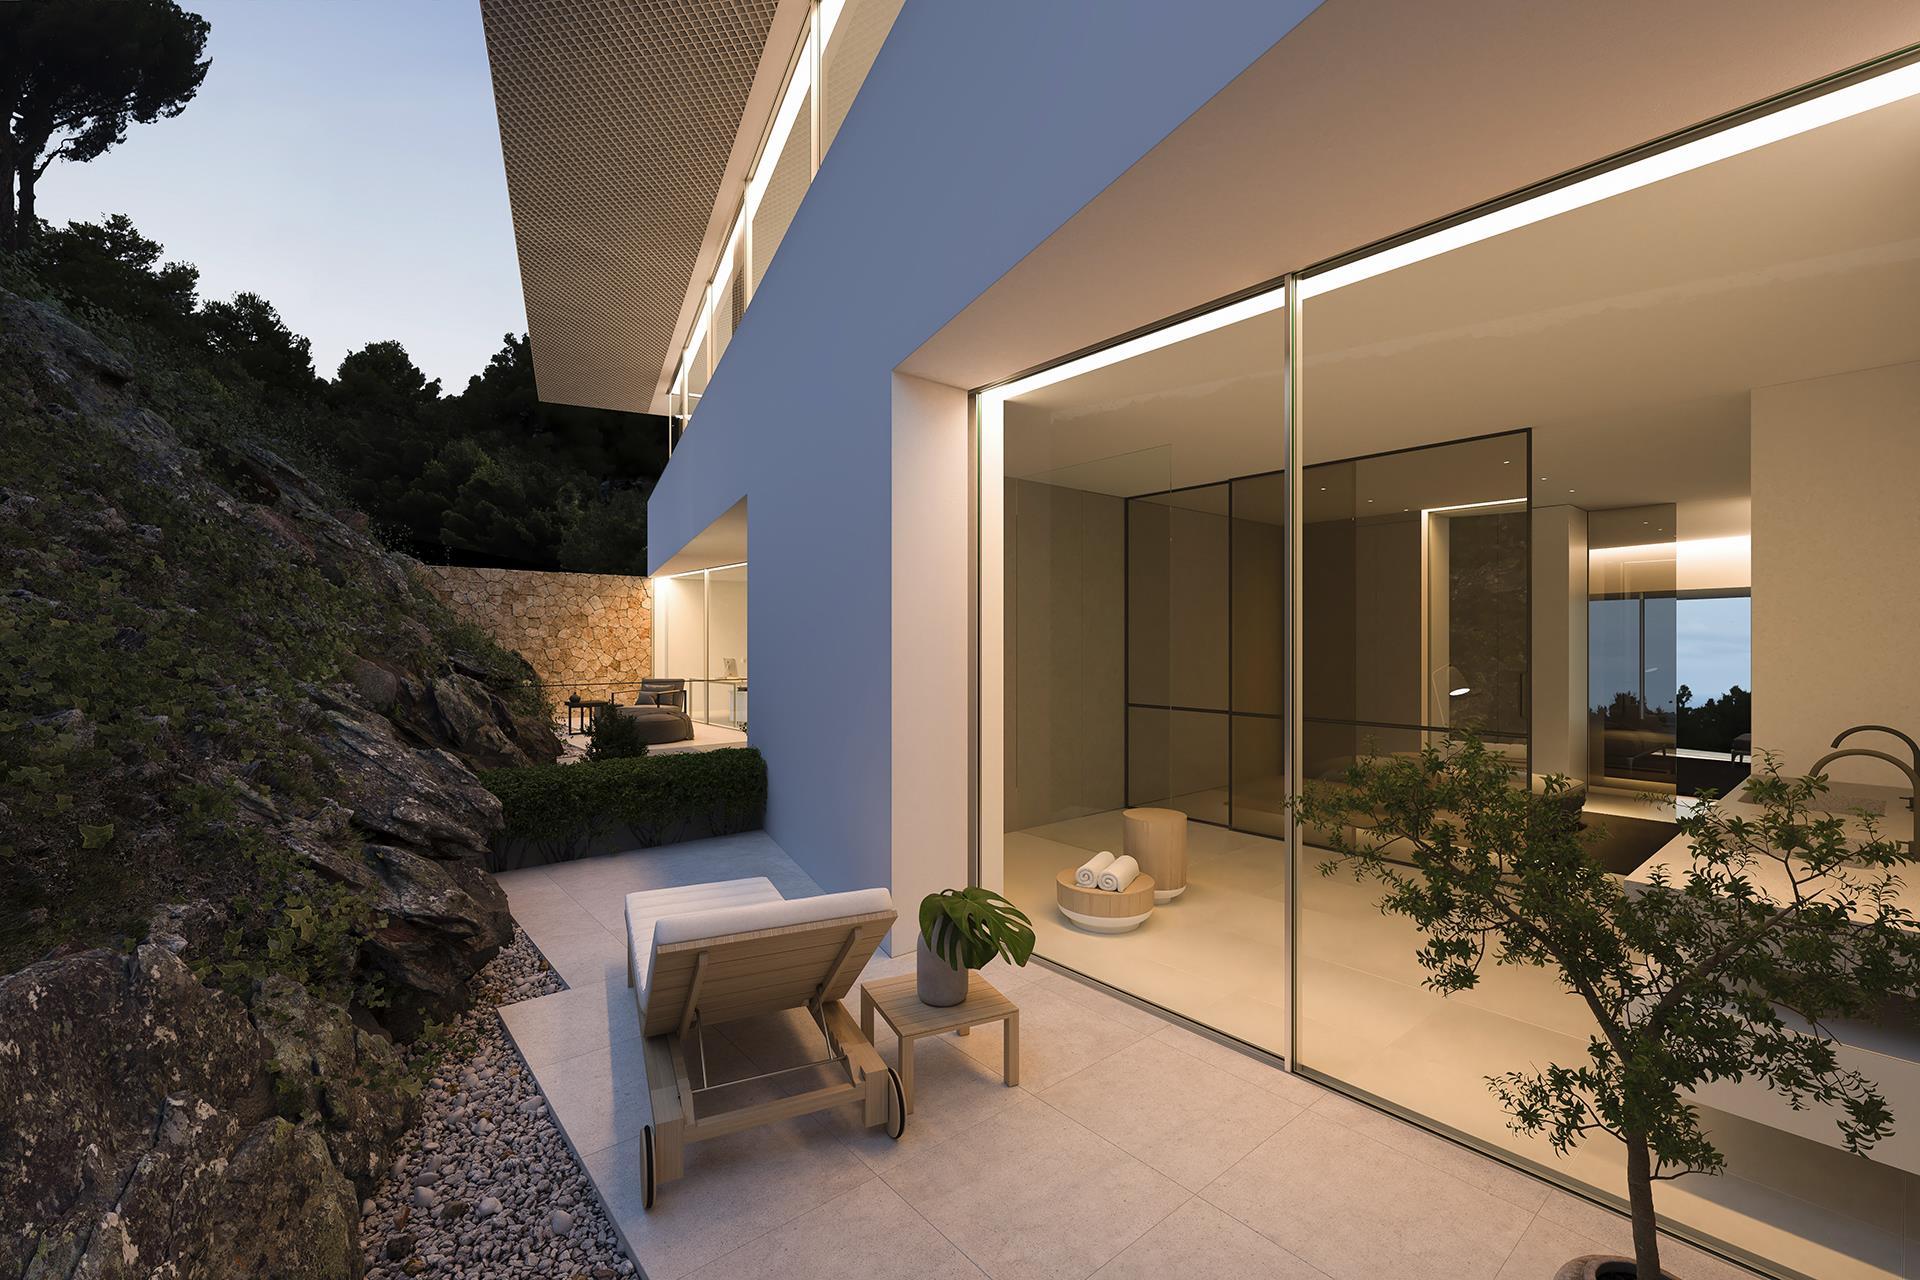 Architect Ibiza